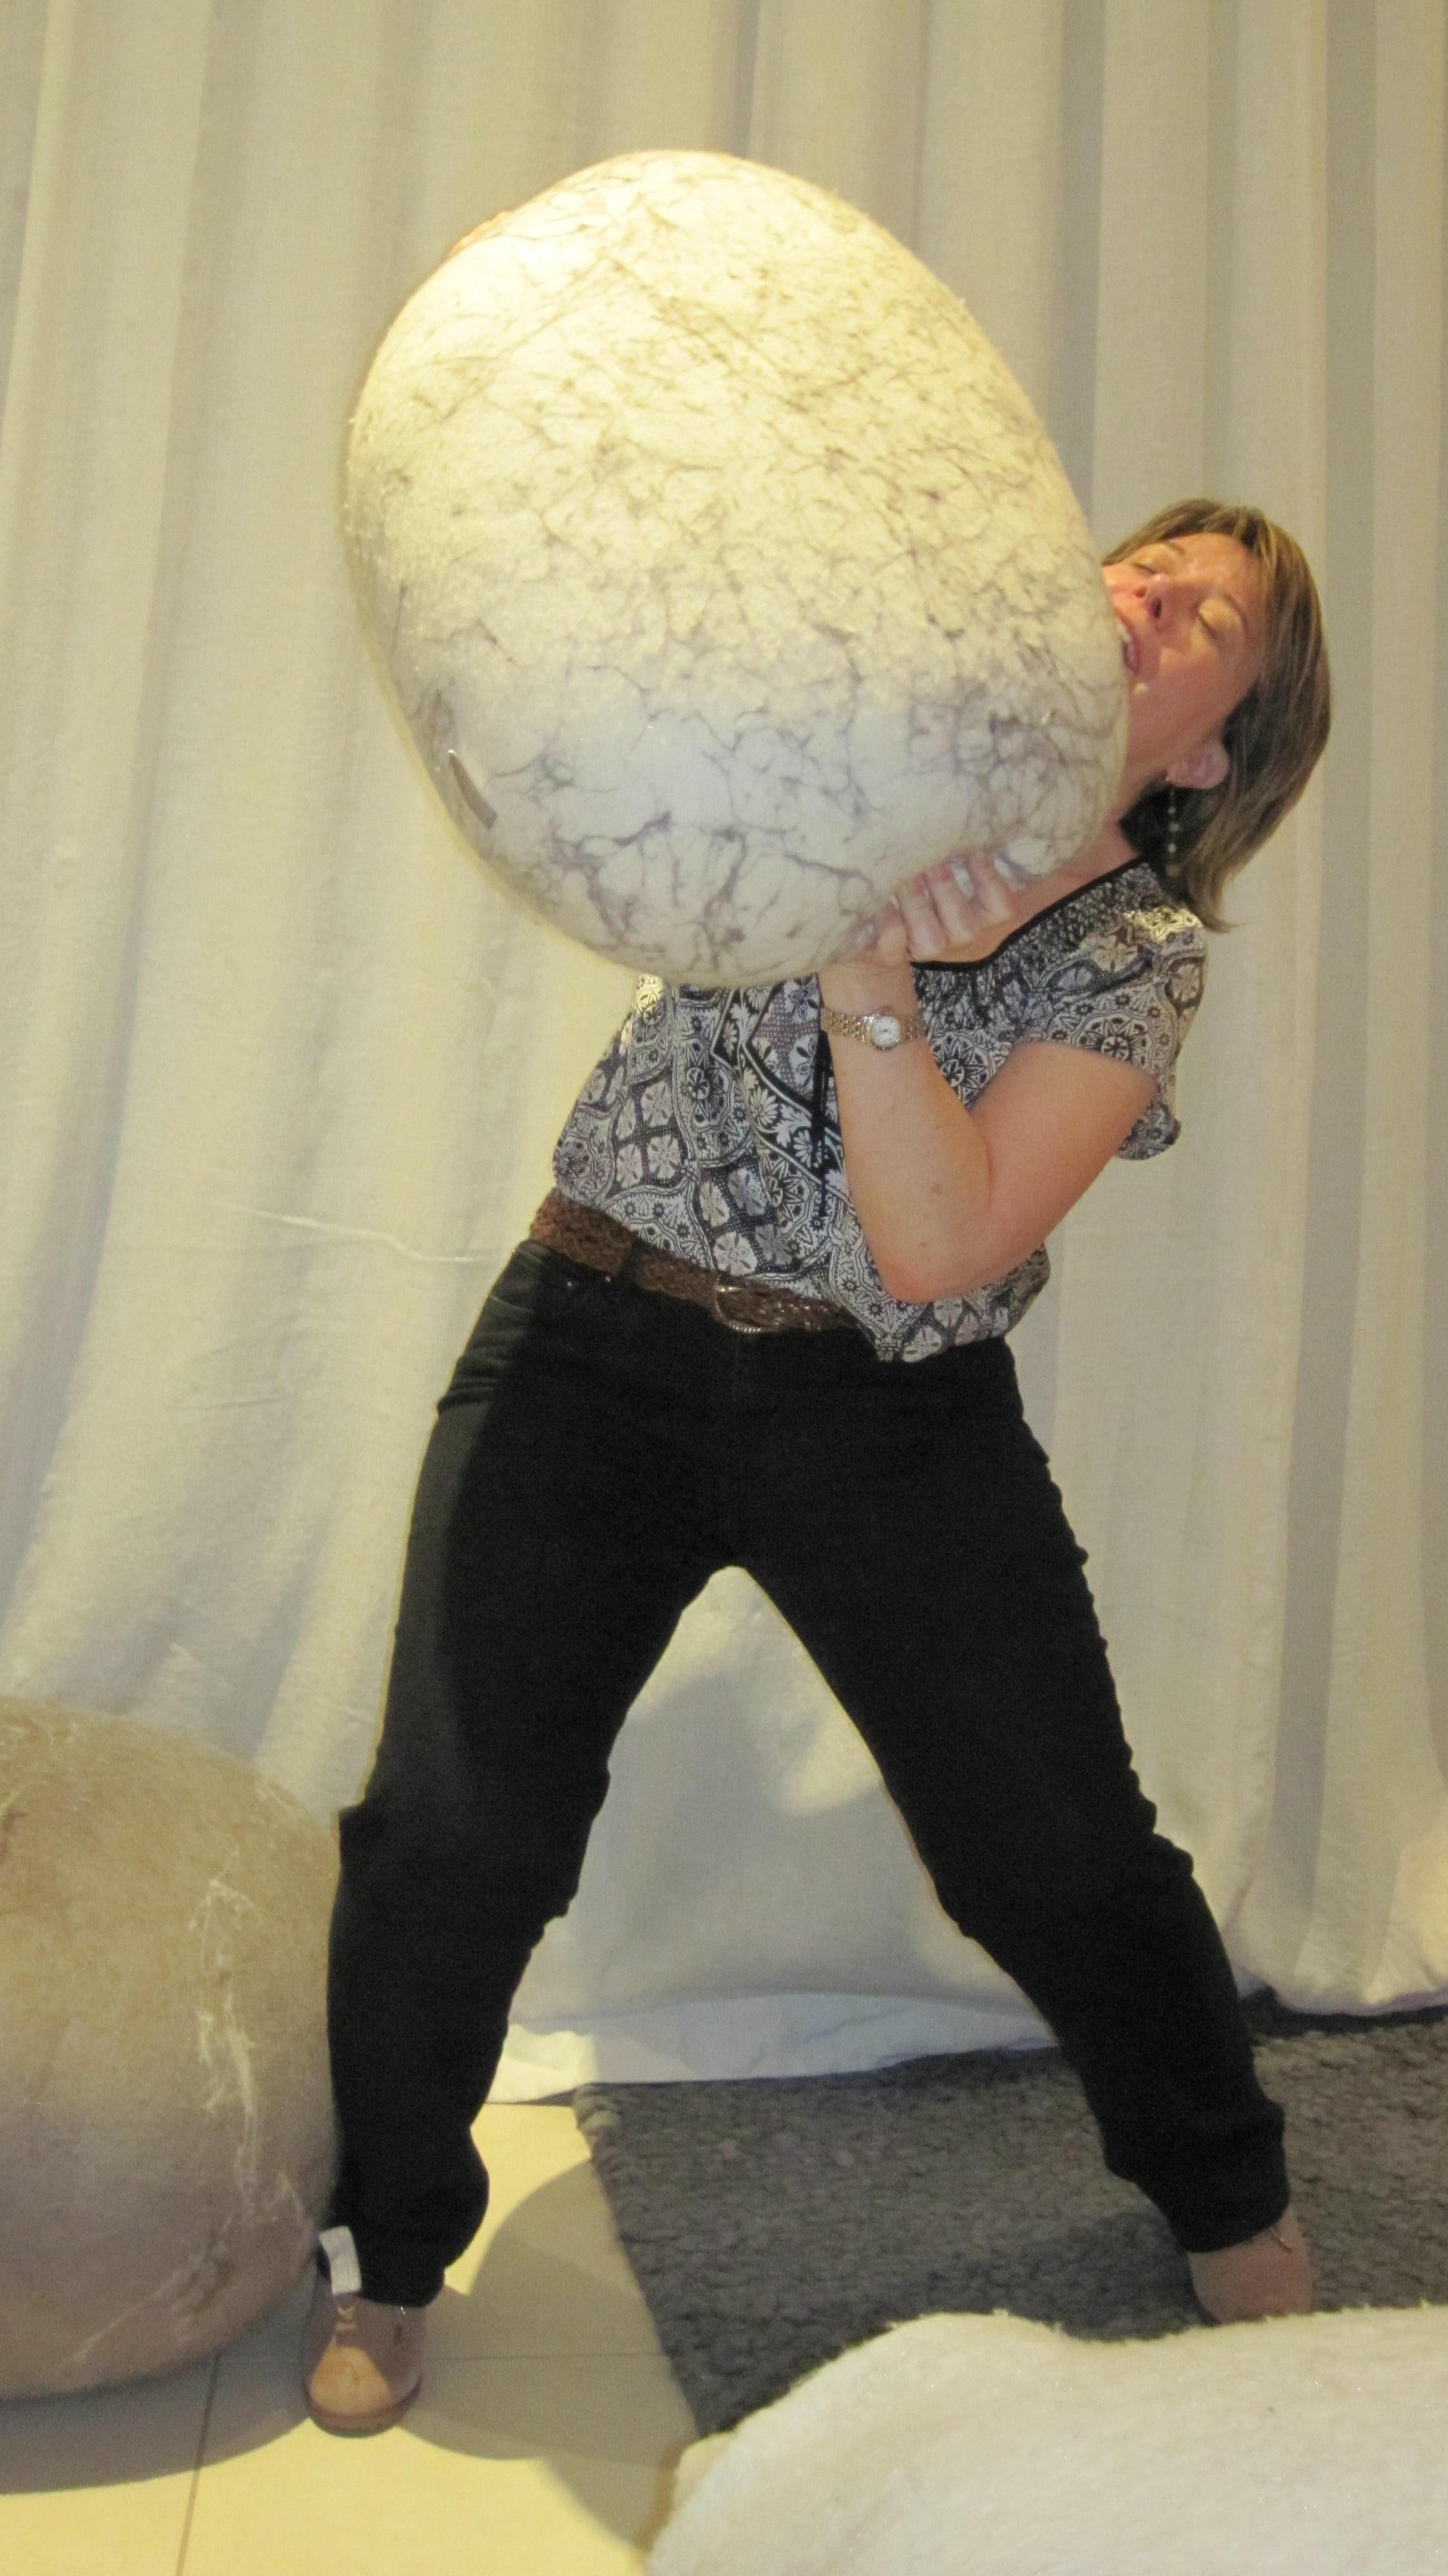 Kelly lifting